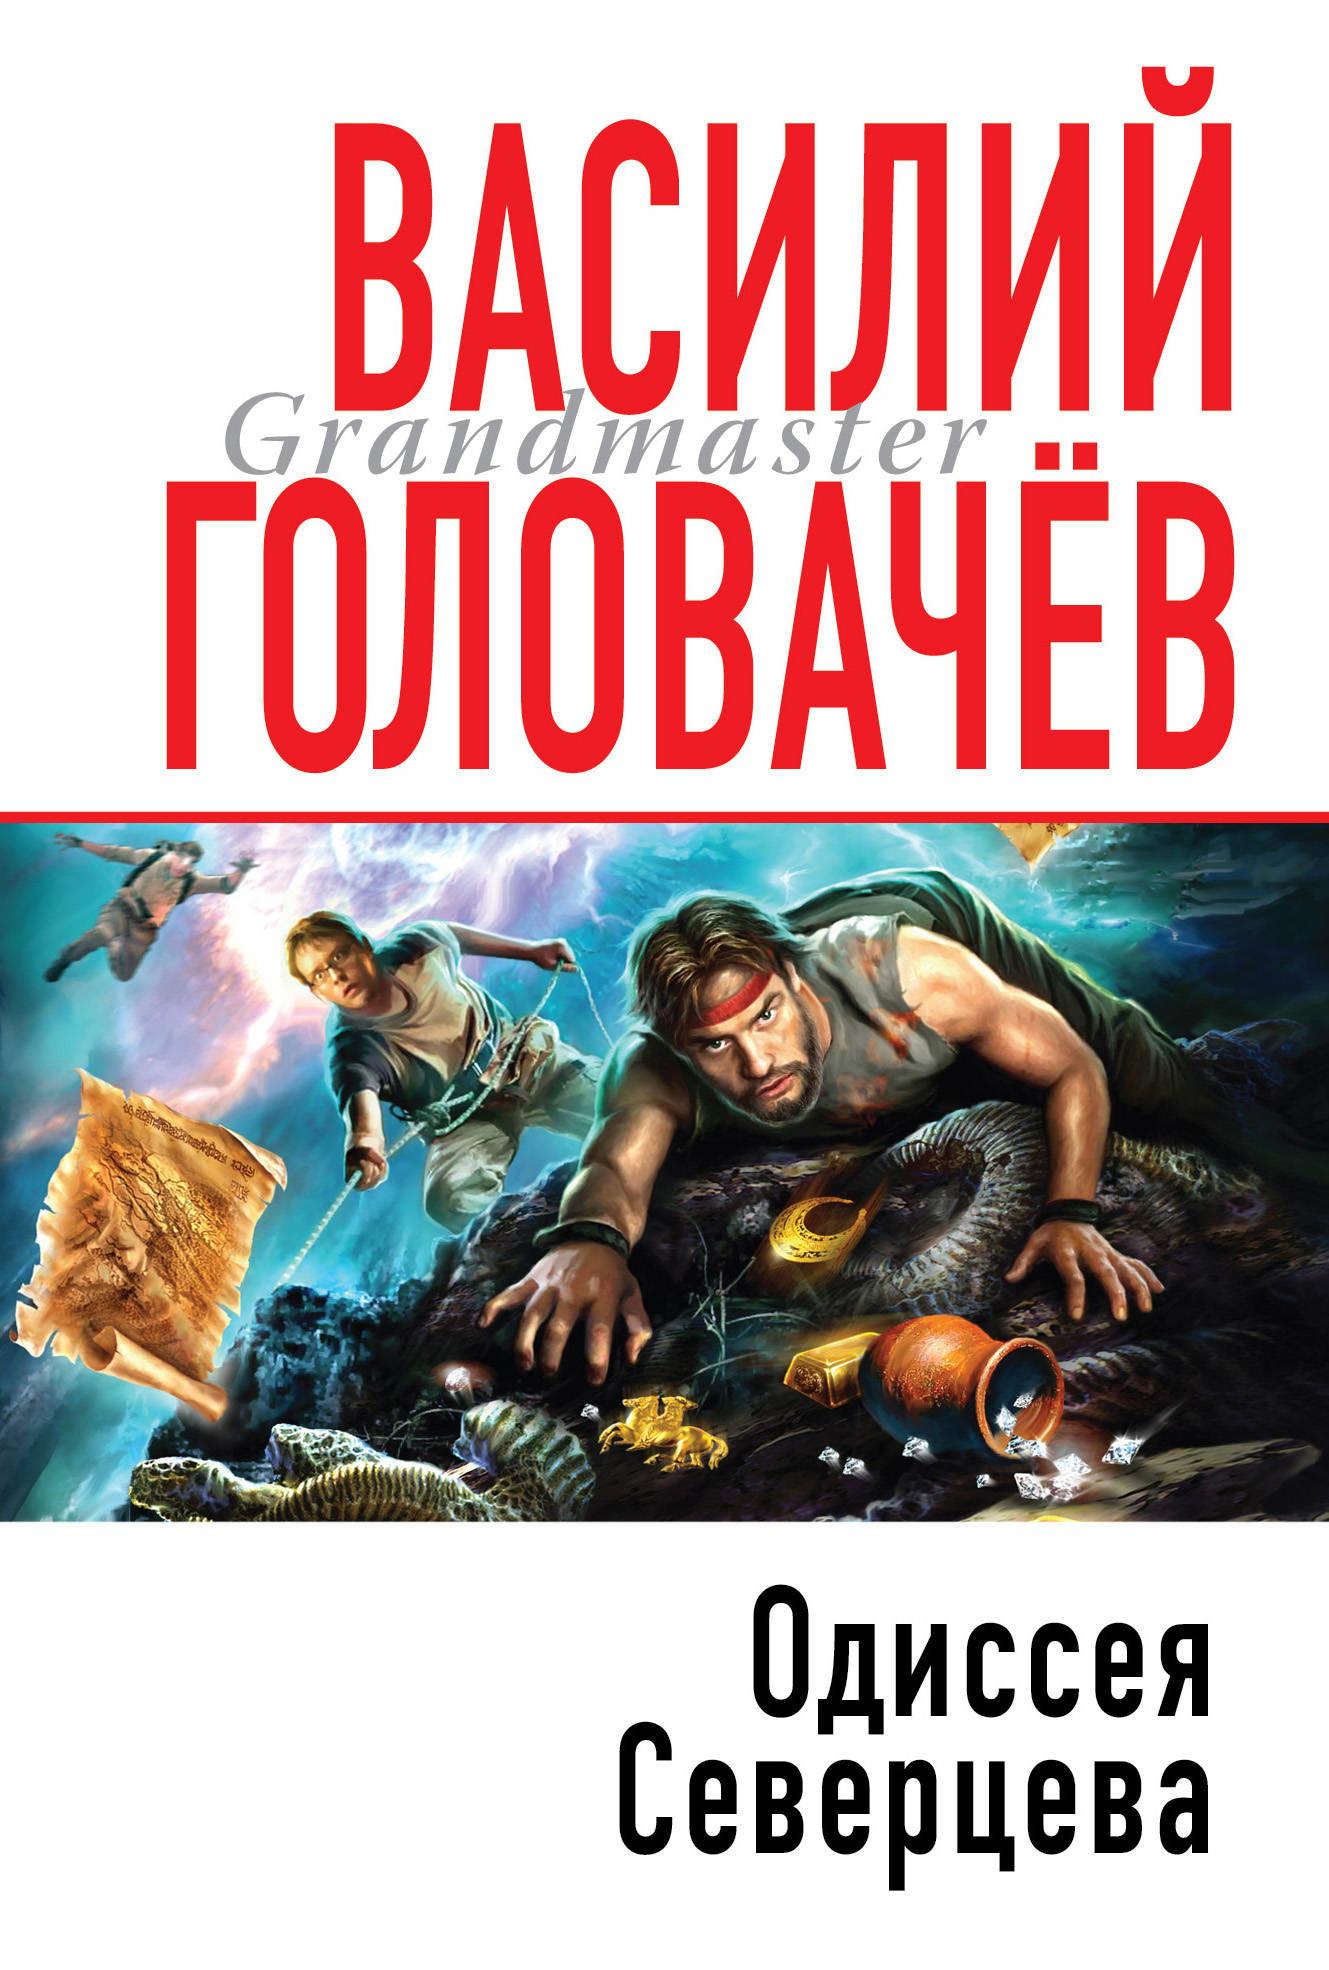 Василий Головачёв «Одиссея Северцева»